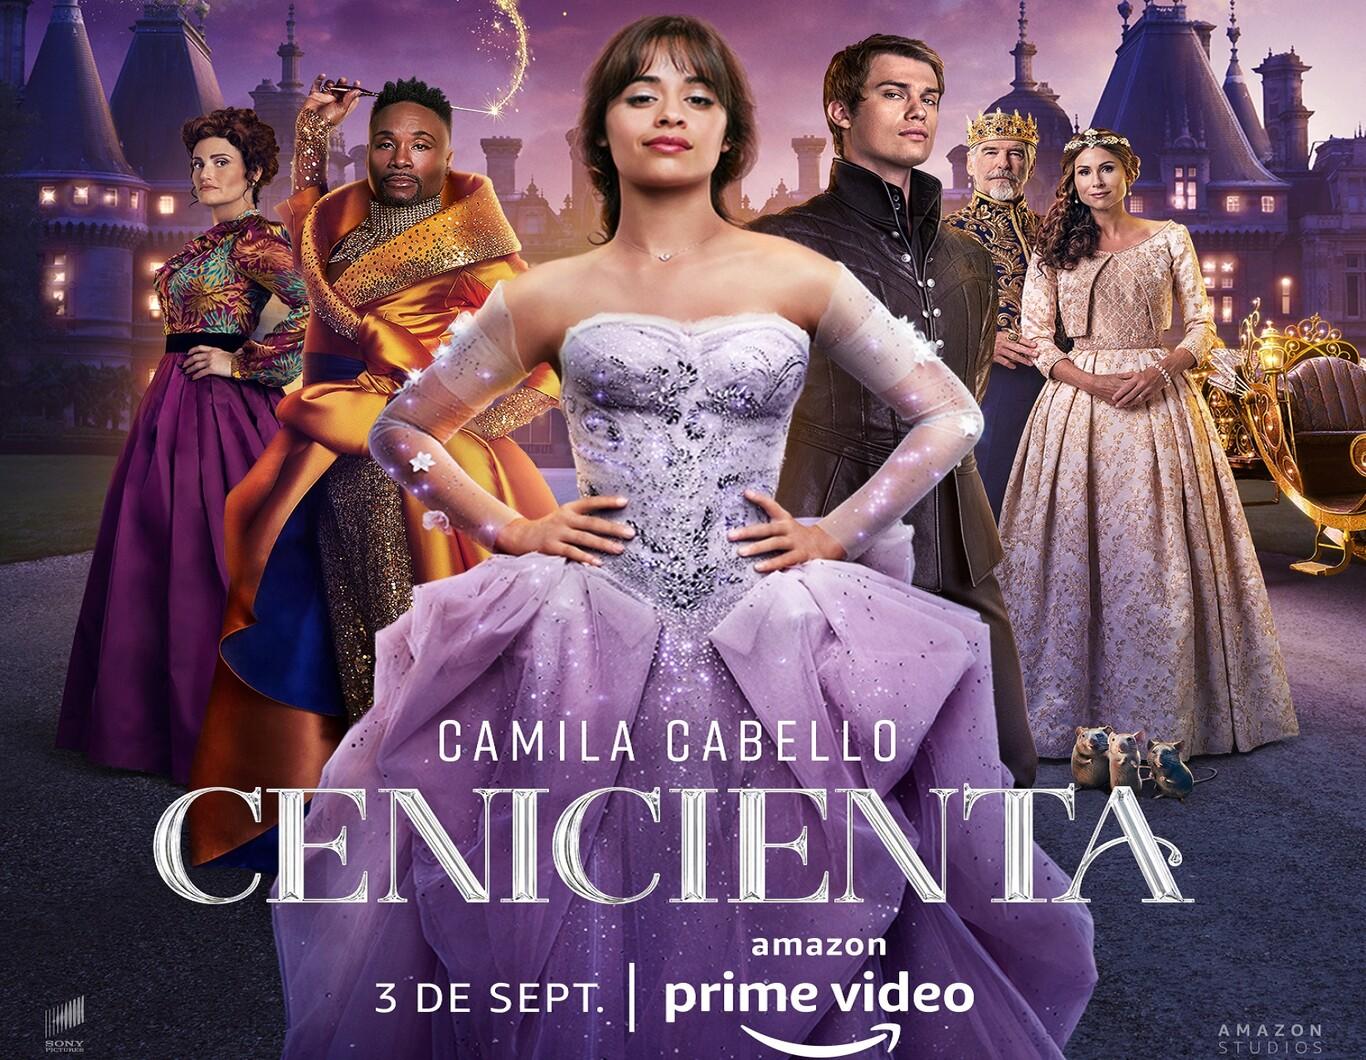 Cenicienta': una festiva revisión del cuento de hadas en Amazon que acaba  resultando algo irritante pese al desparpajo de Camila Cabello